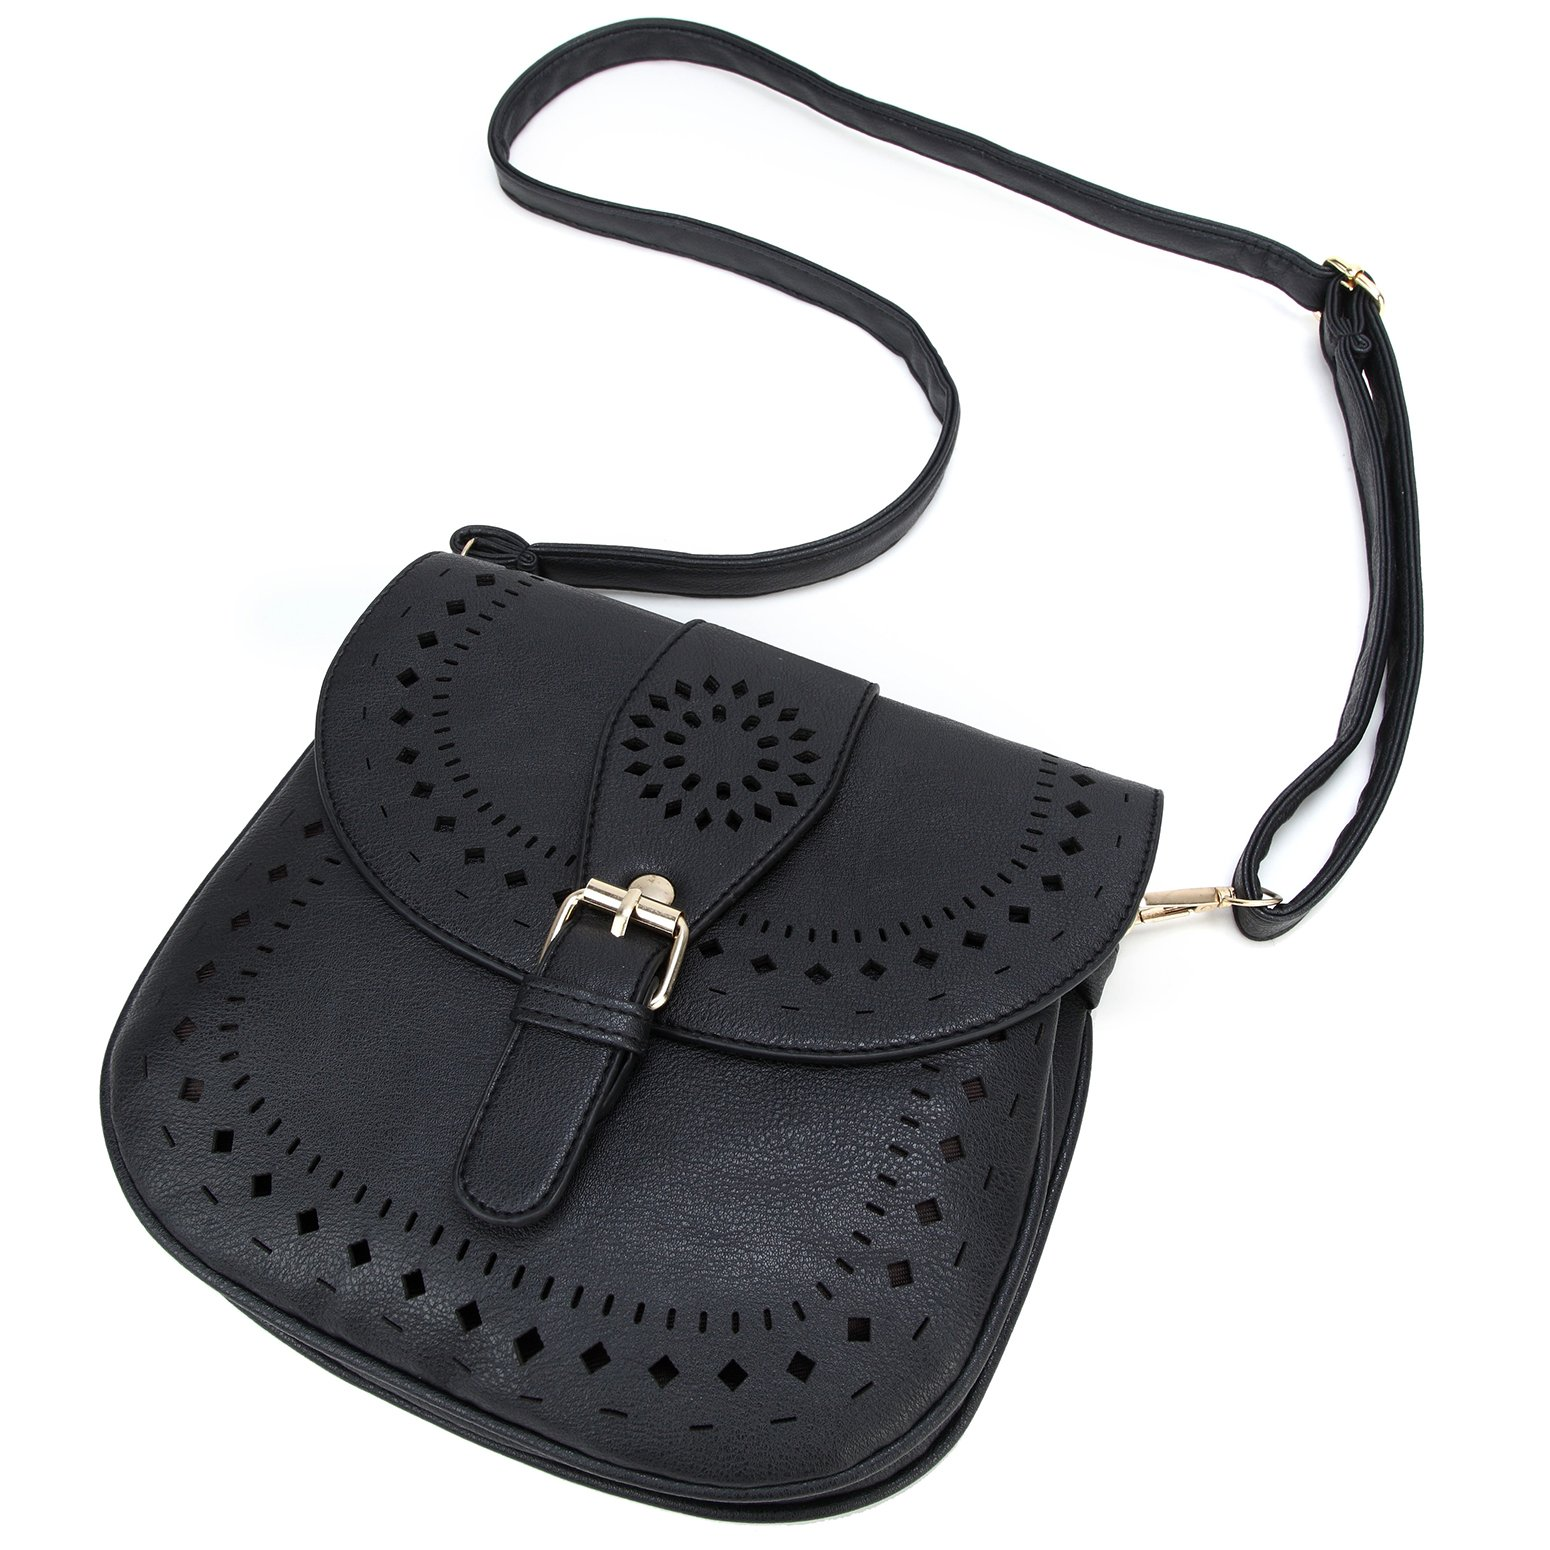 Forestfish Ladie's PU Leather Vintage Hollow Bag Crossbdy Bag Shoulder Bag (Black) by Forestfish (Image #2)